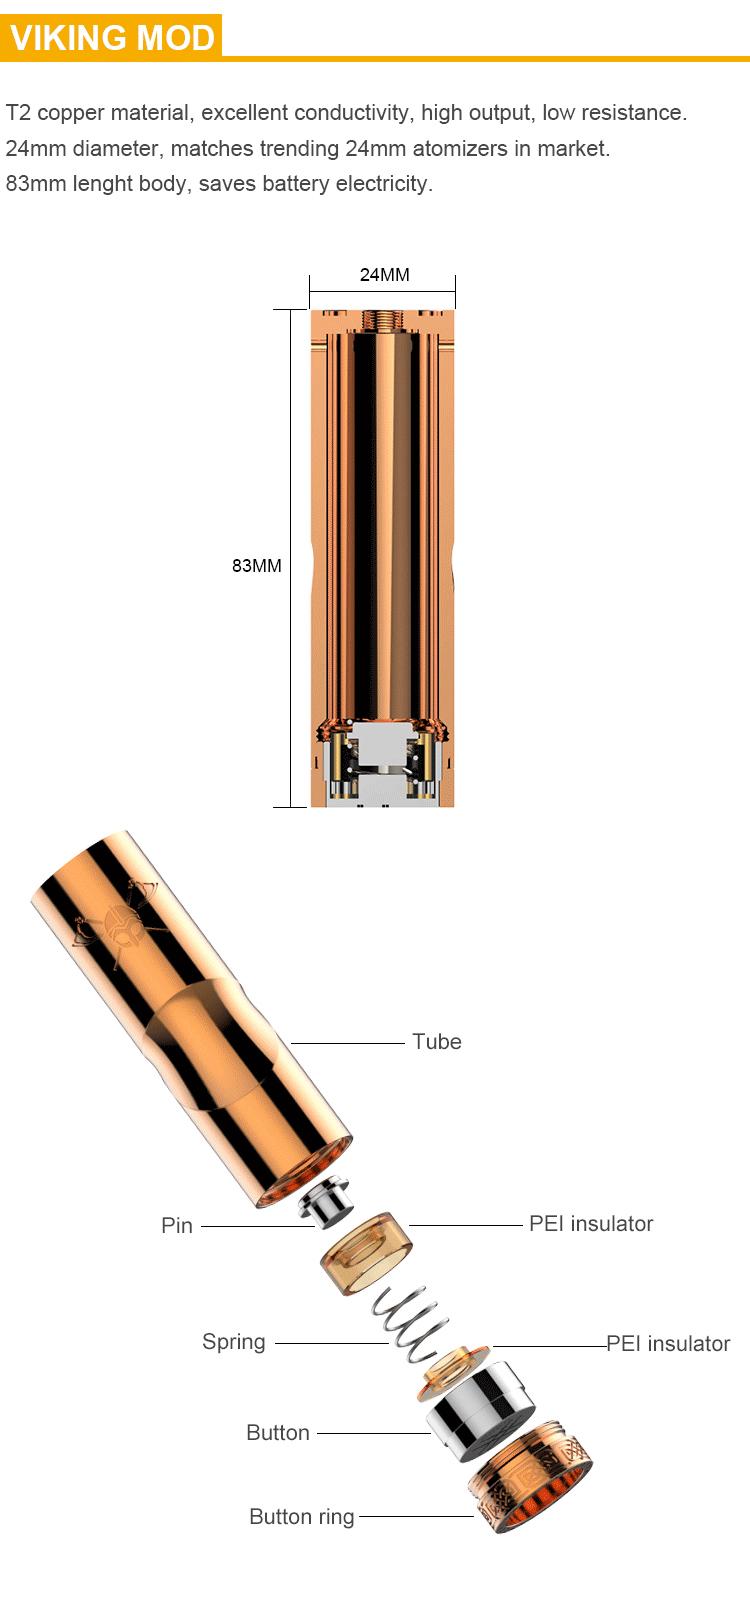 viking mod series vape tube vapexperts 2